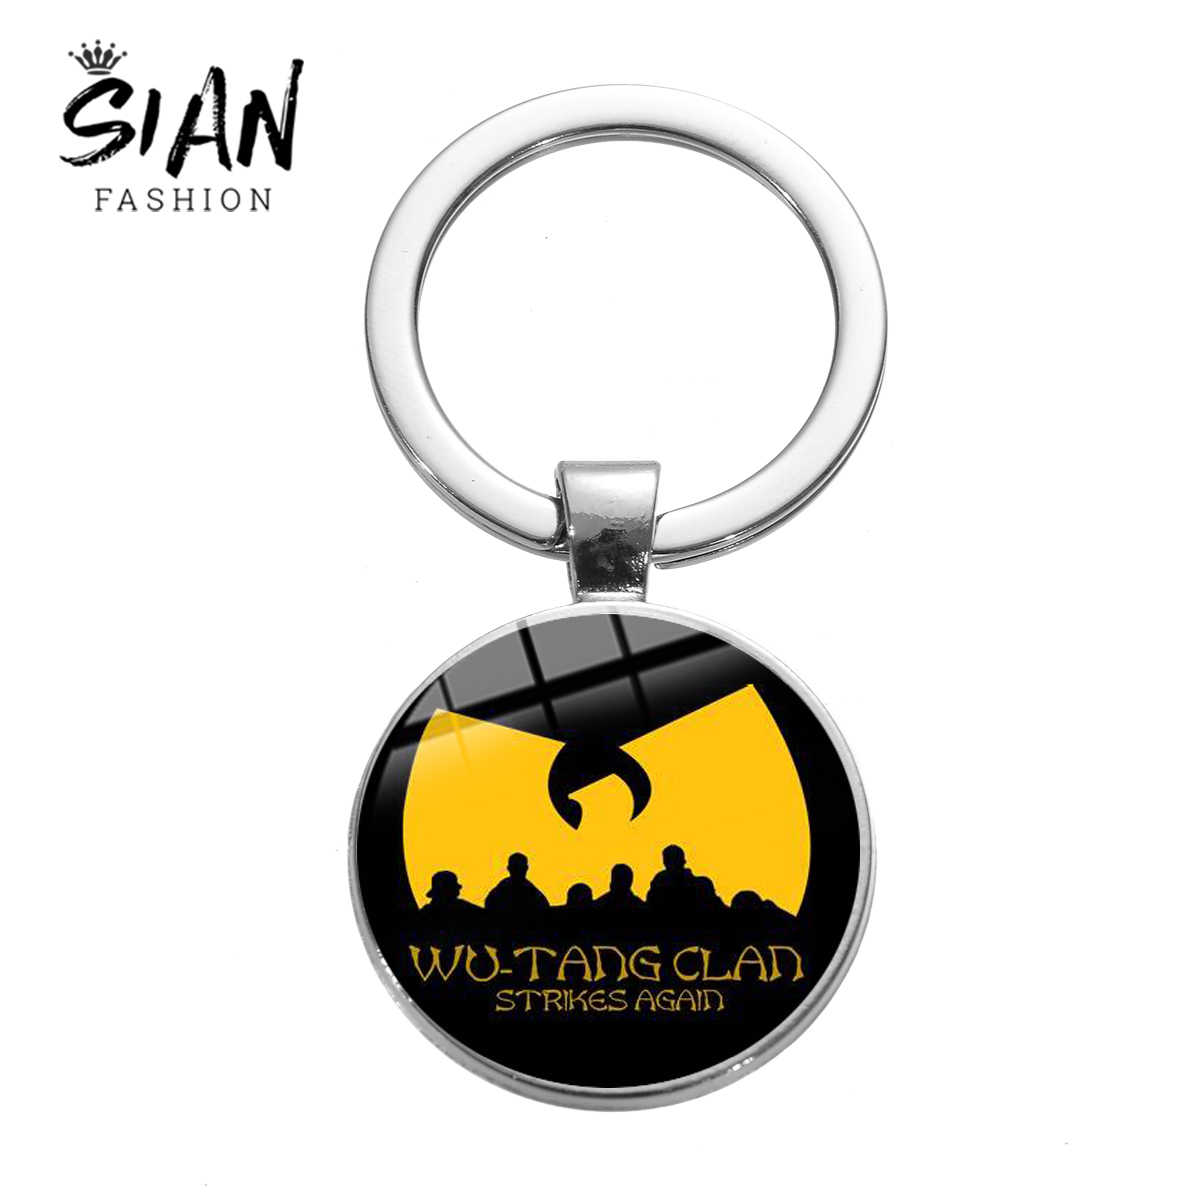 Llavero SIAN WU TANG CLAN hip-hop Rap música Fans llavero regalos Chapado en plata antigua Cool Band Logo Glass Dome llave de aleación de anillo de